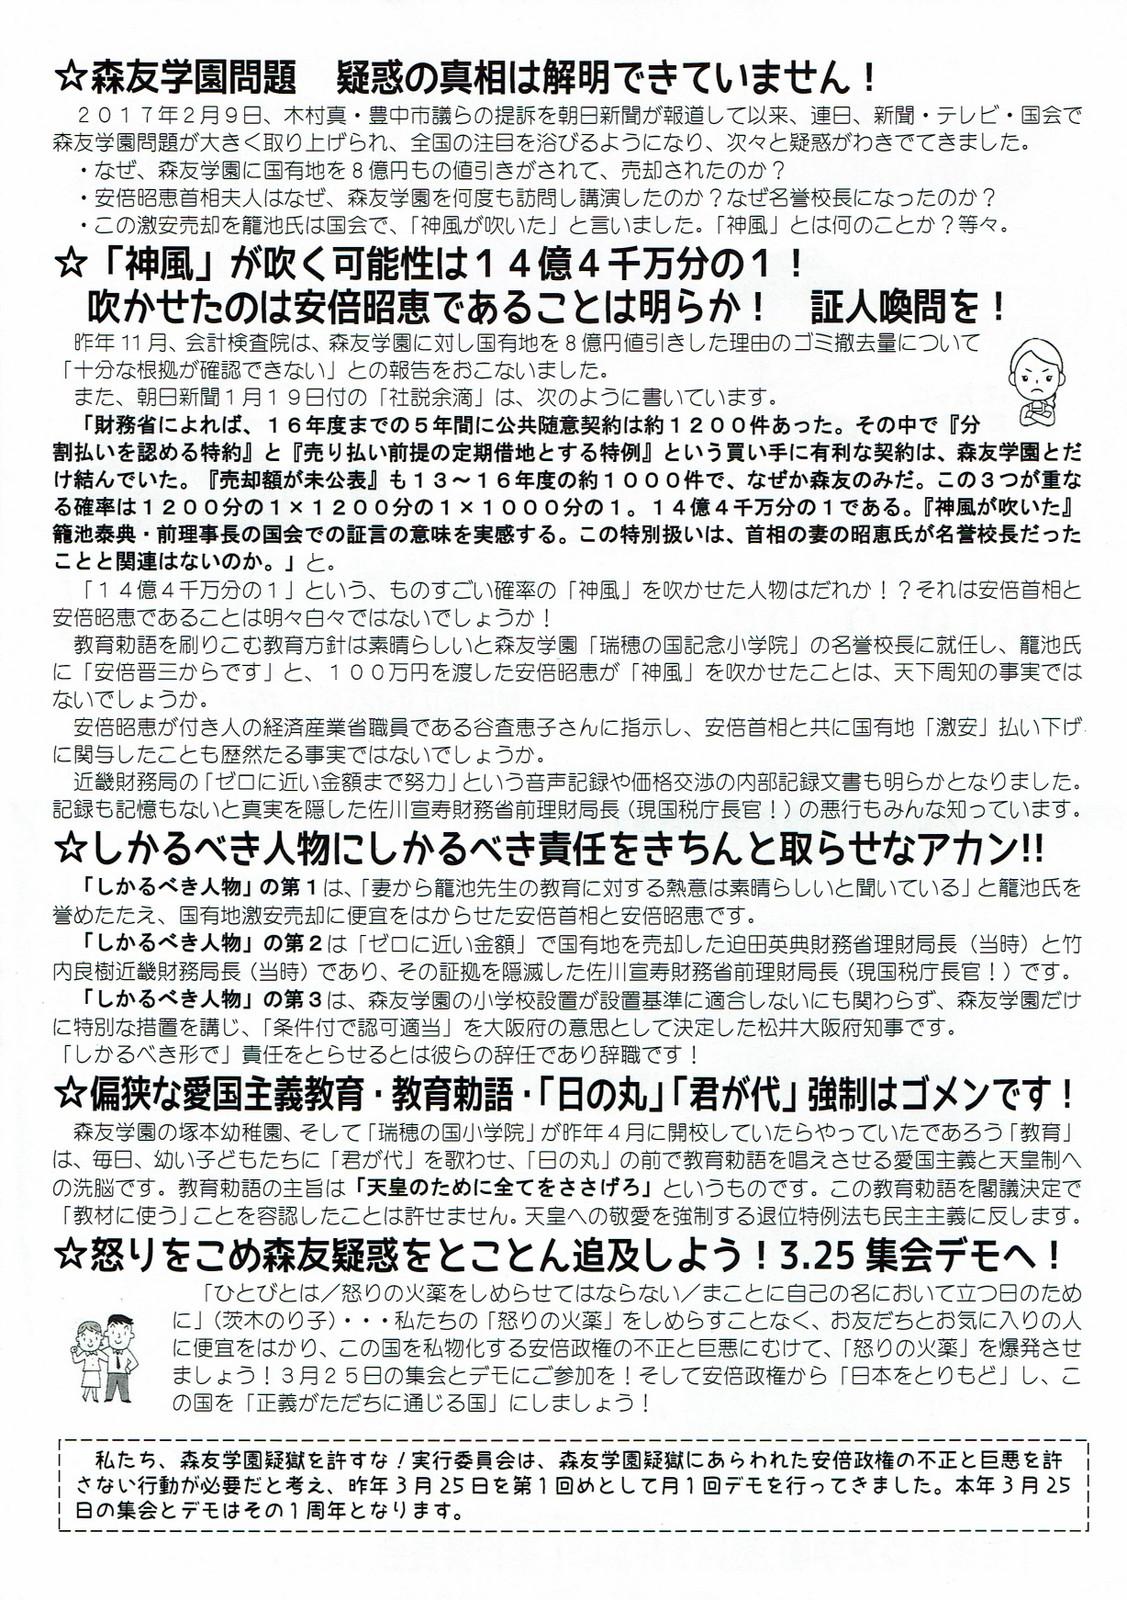 Cci_000057